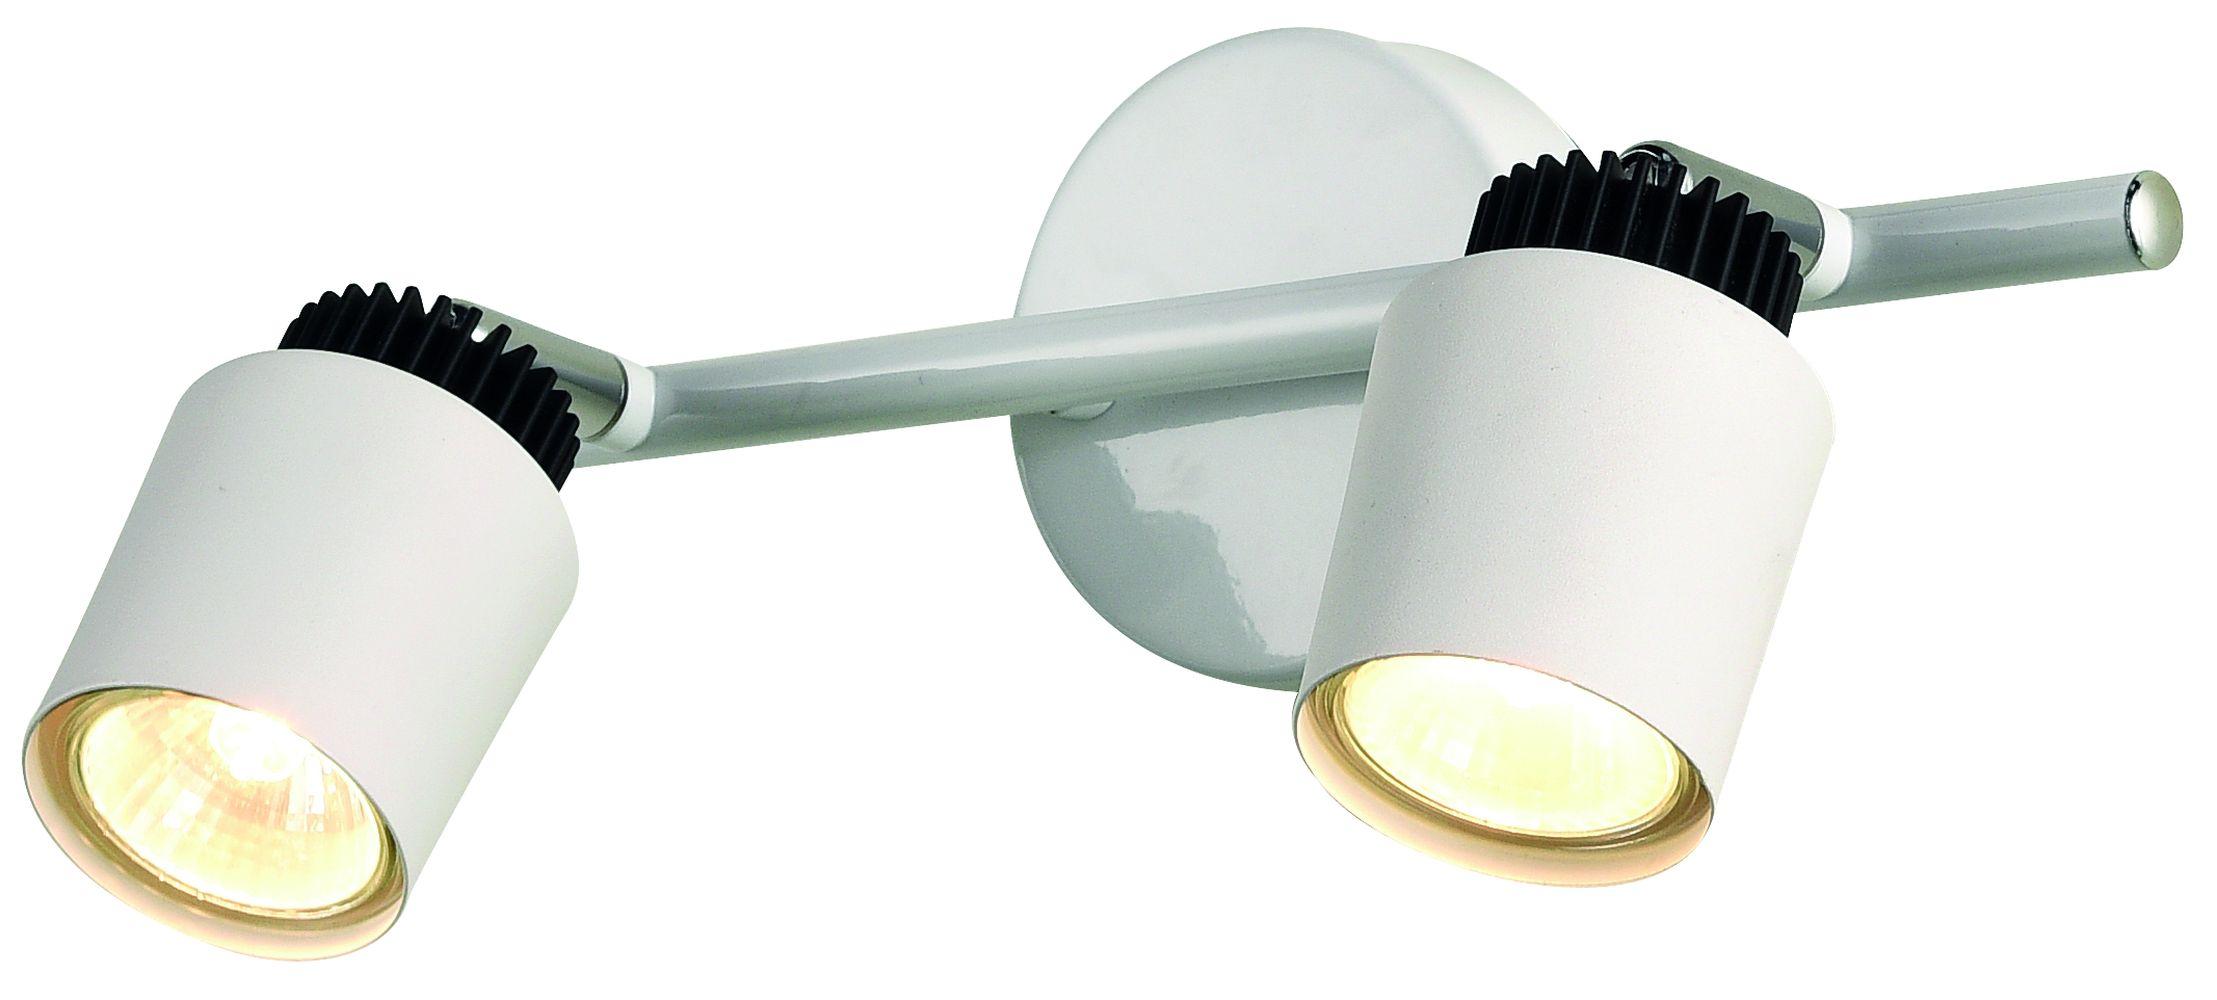 Chrom Deckenstrahler Metall lang Modern TIMALA